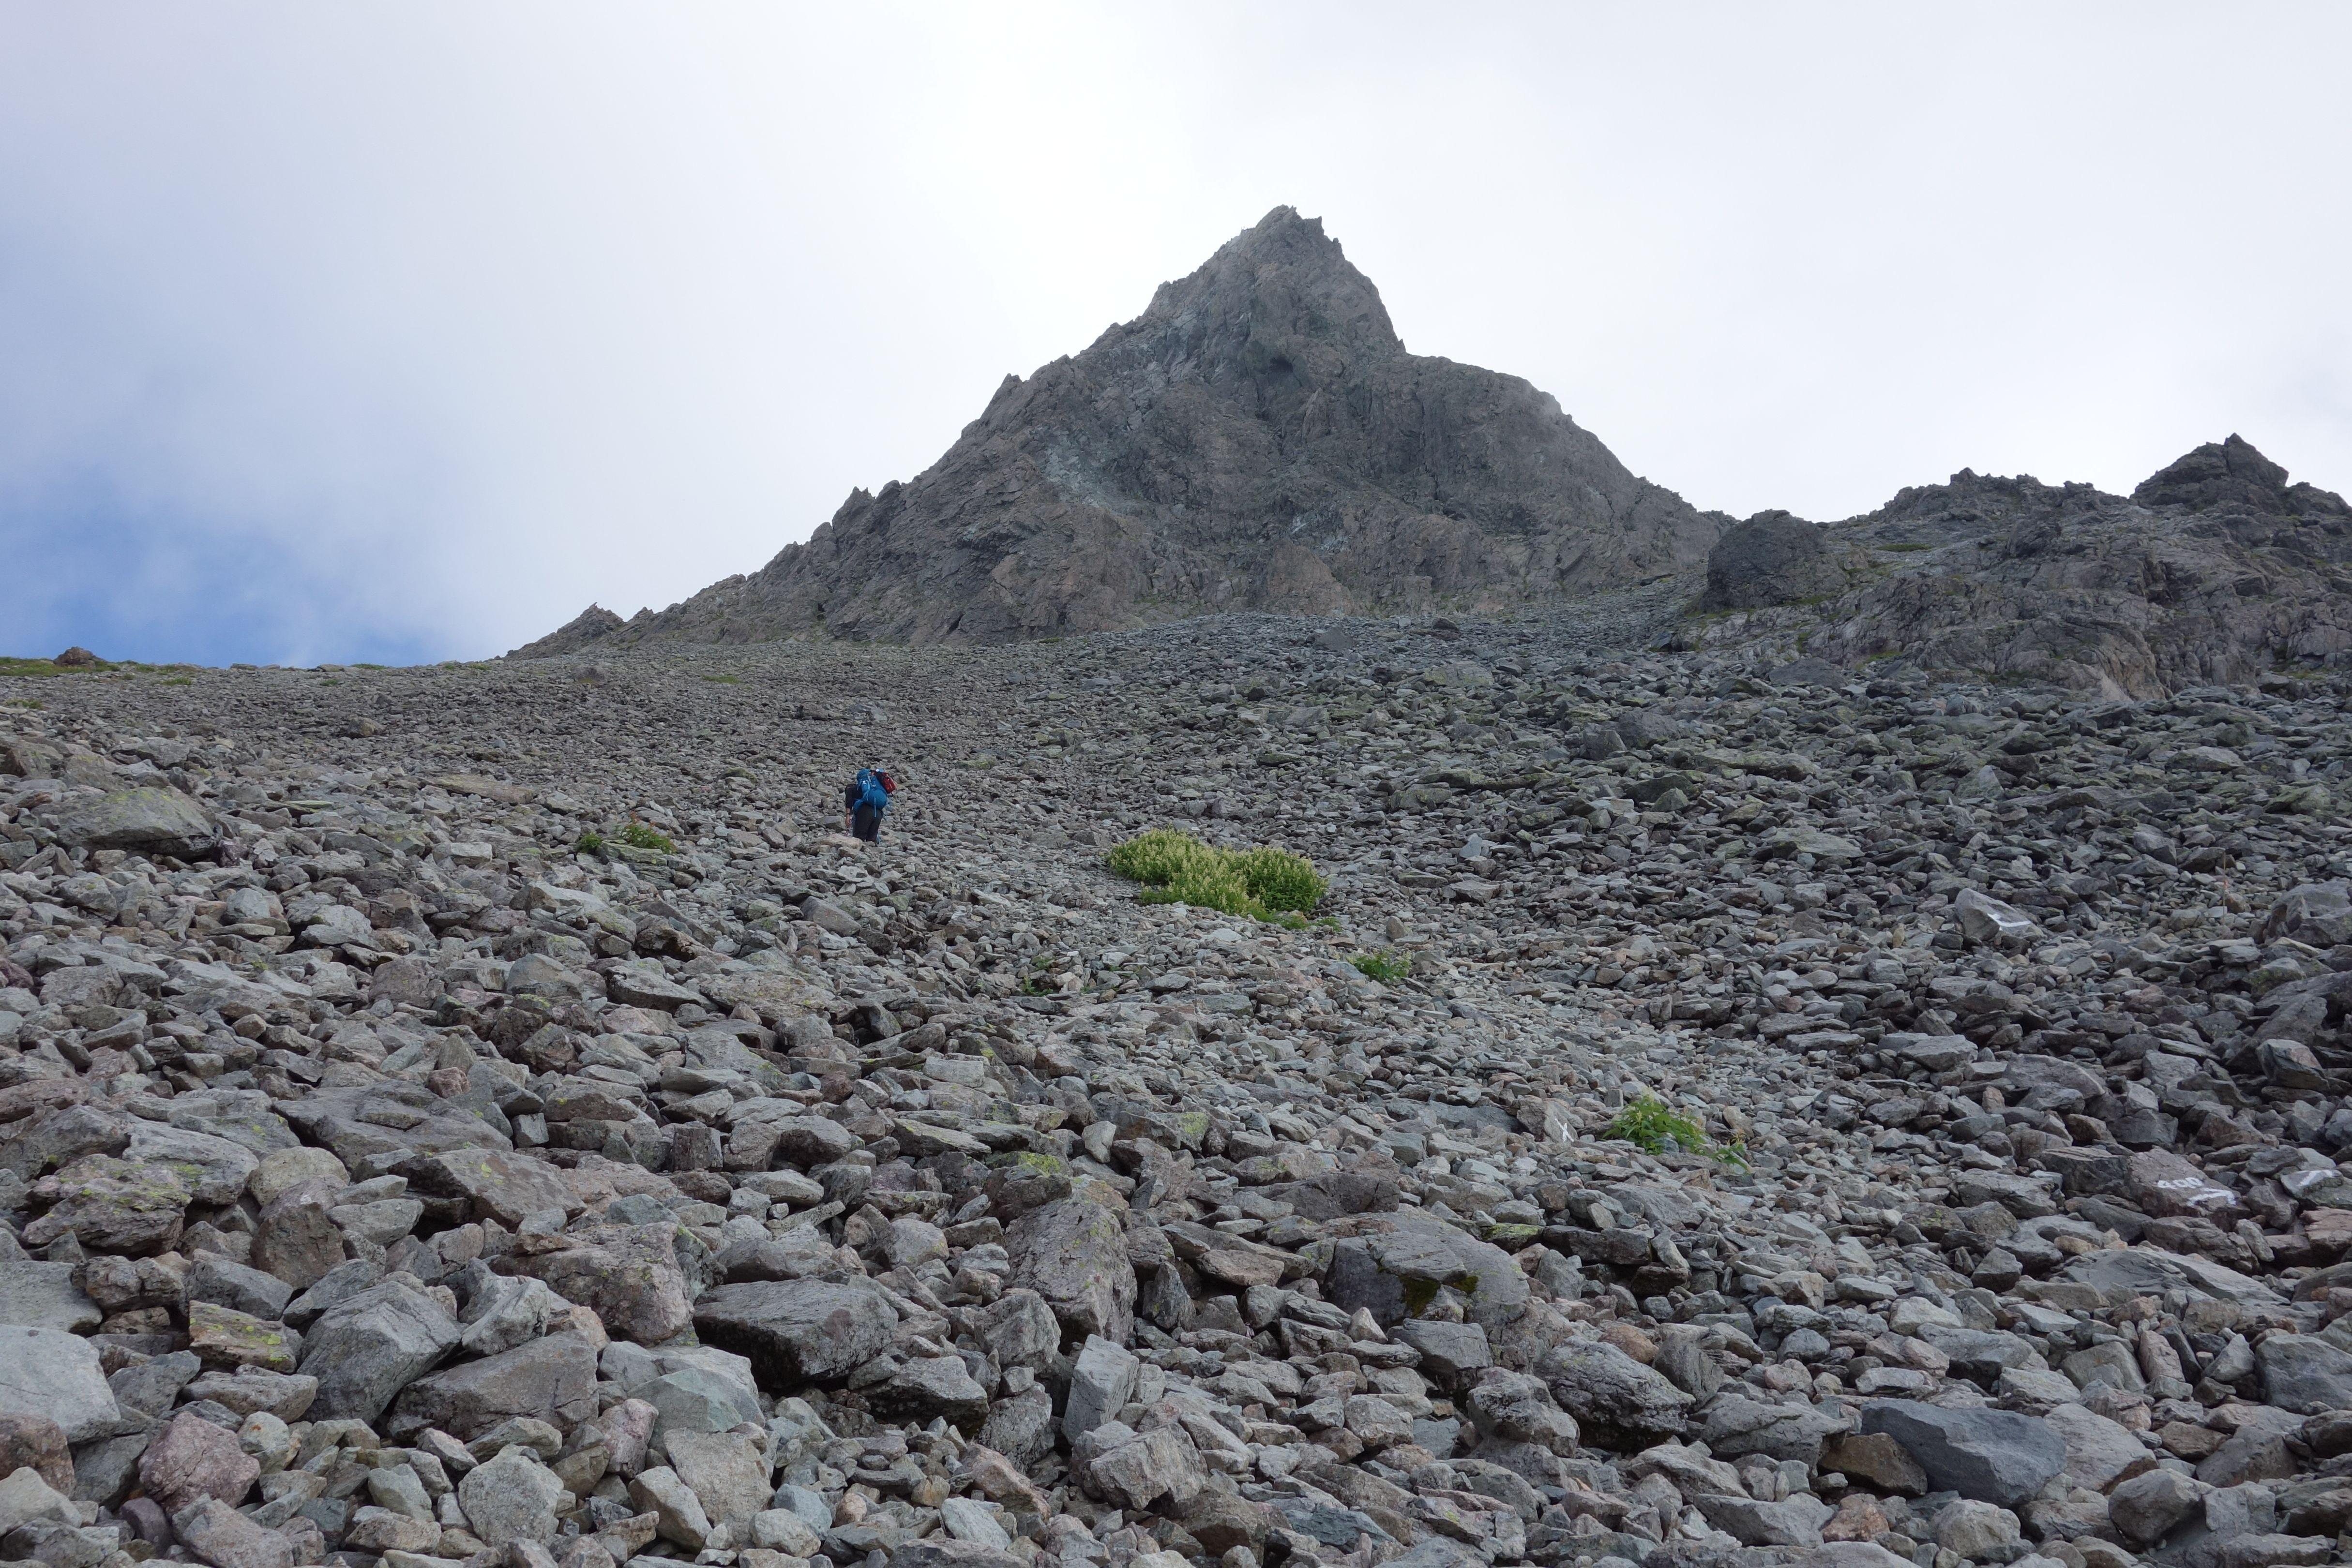 槍ヶ岳山荘直下の登り